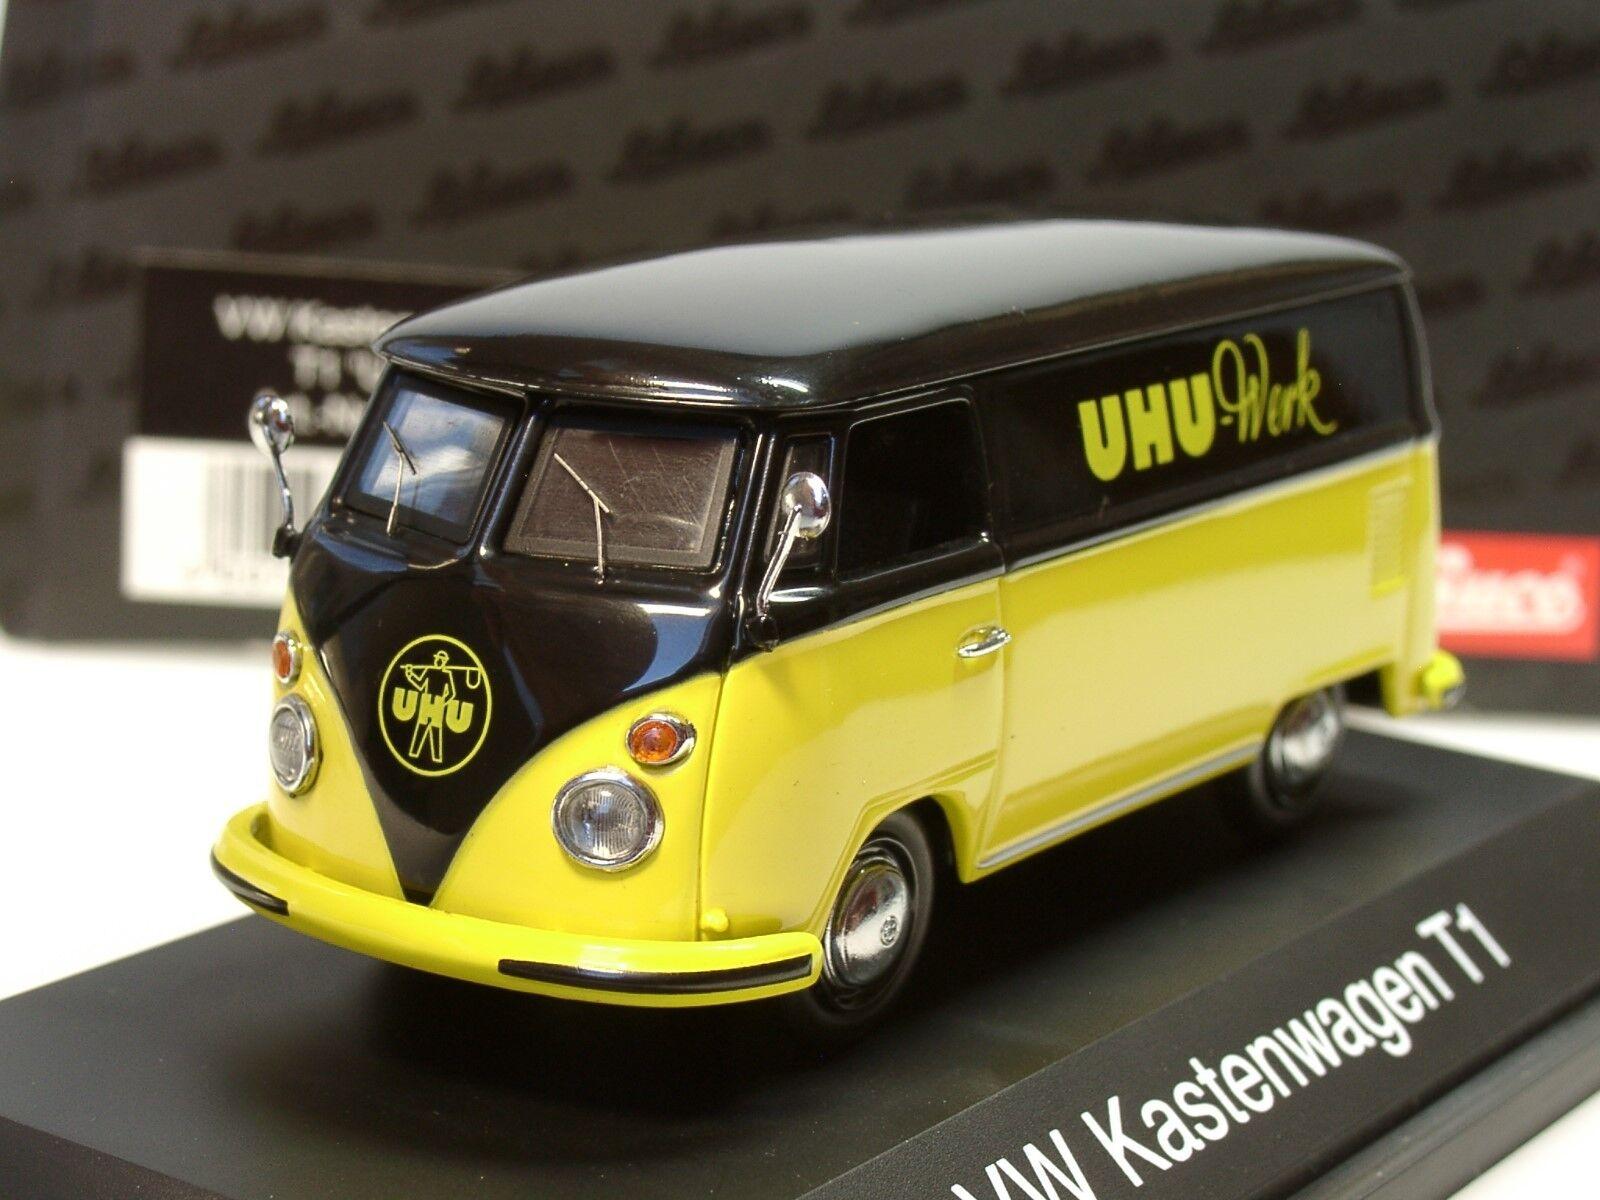 SCHUCO VW t1 Camionnette UHU - 02575 - 1 43